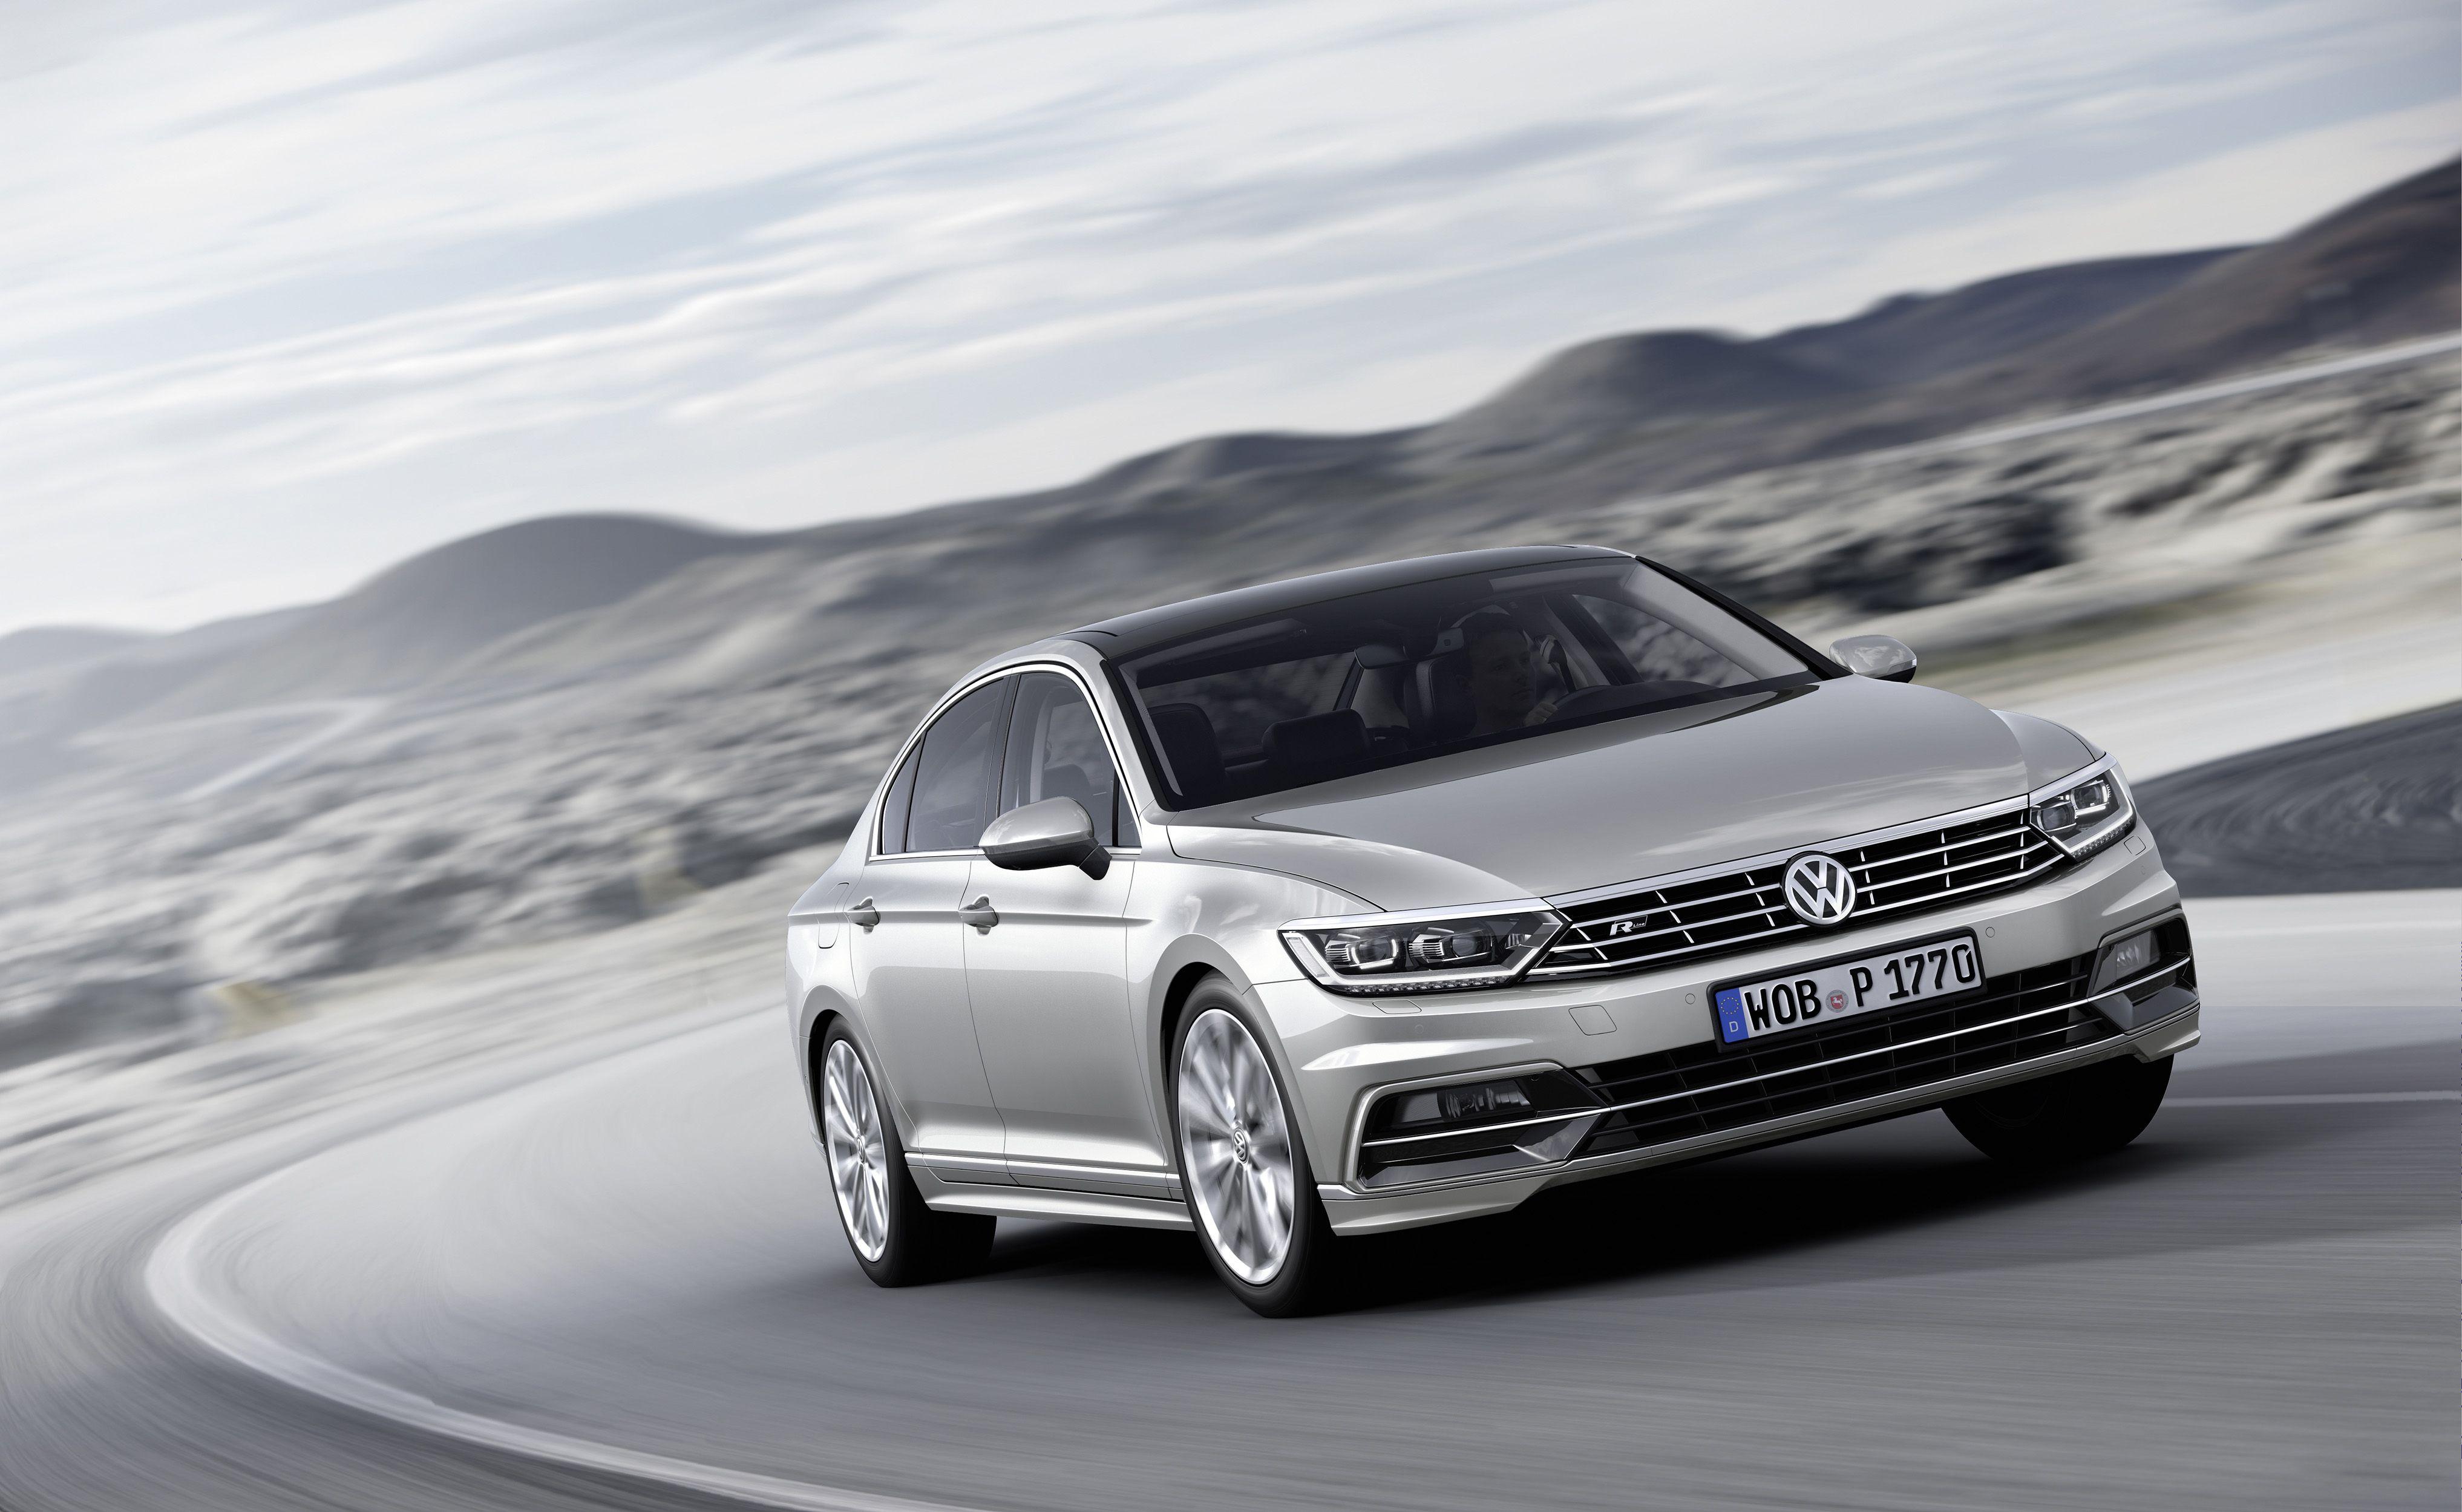 dealership specials lease request in new clarksburg volkswagen htm passat wv